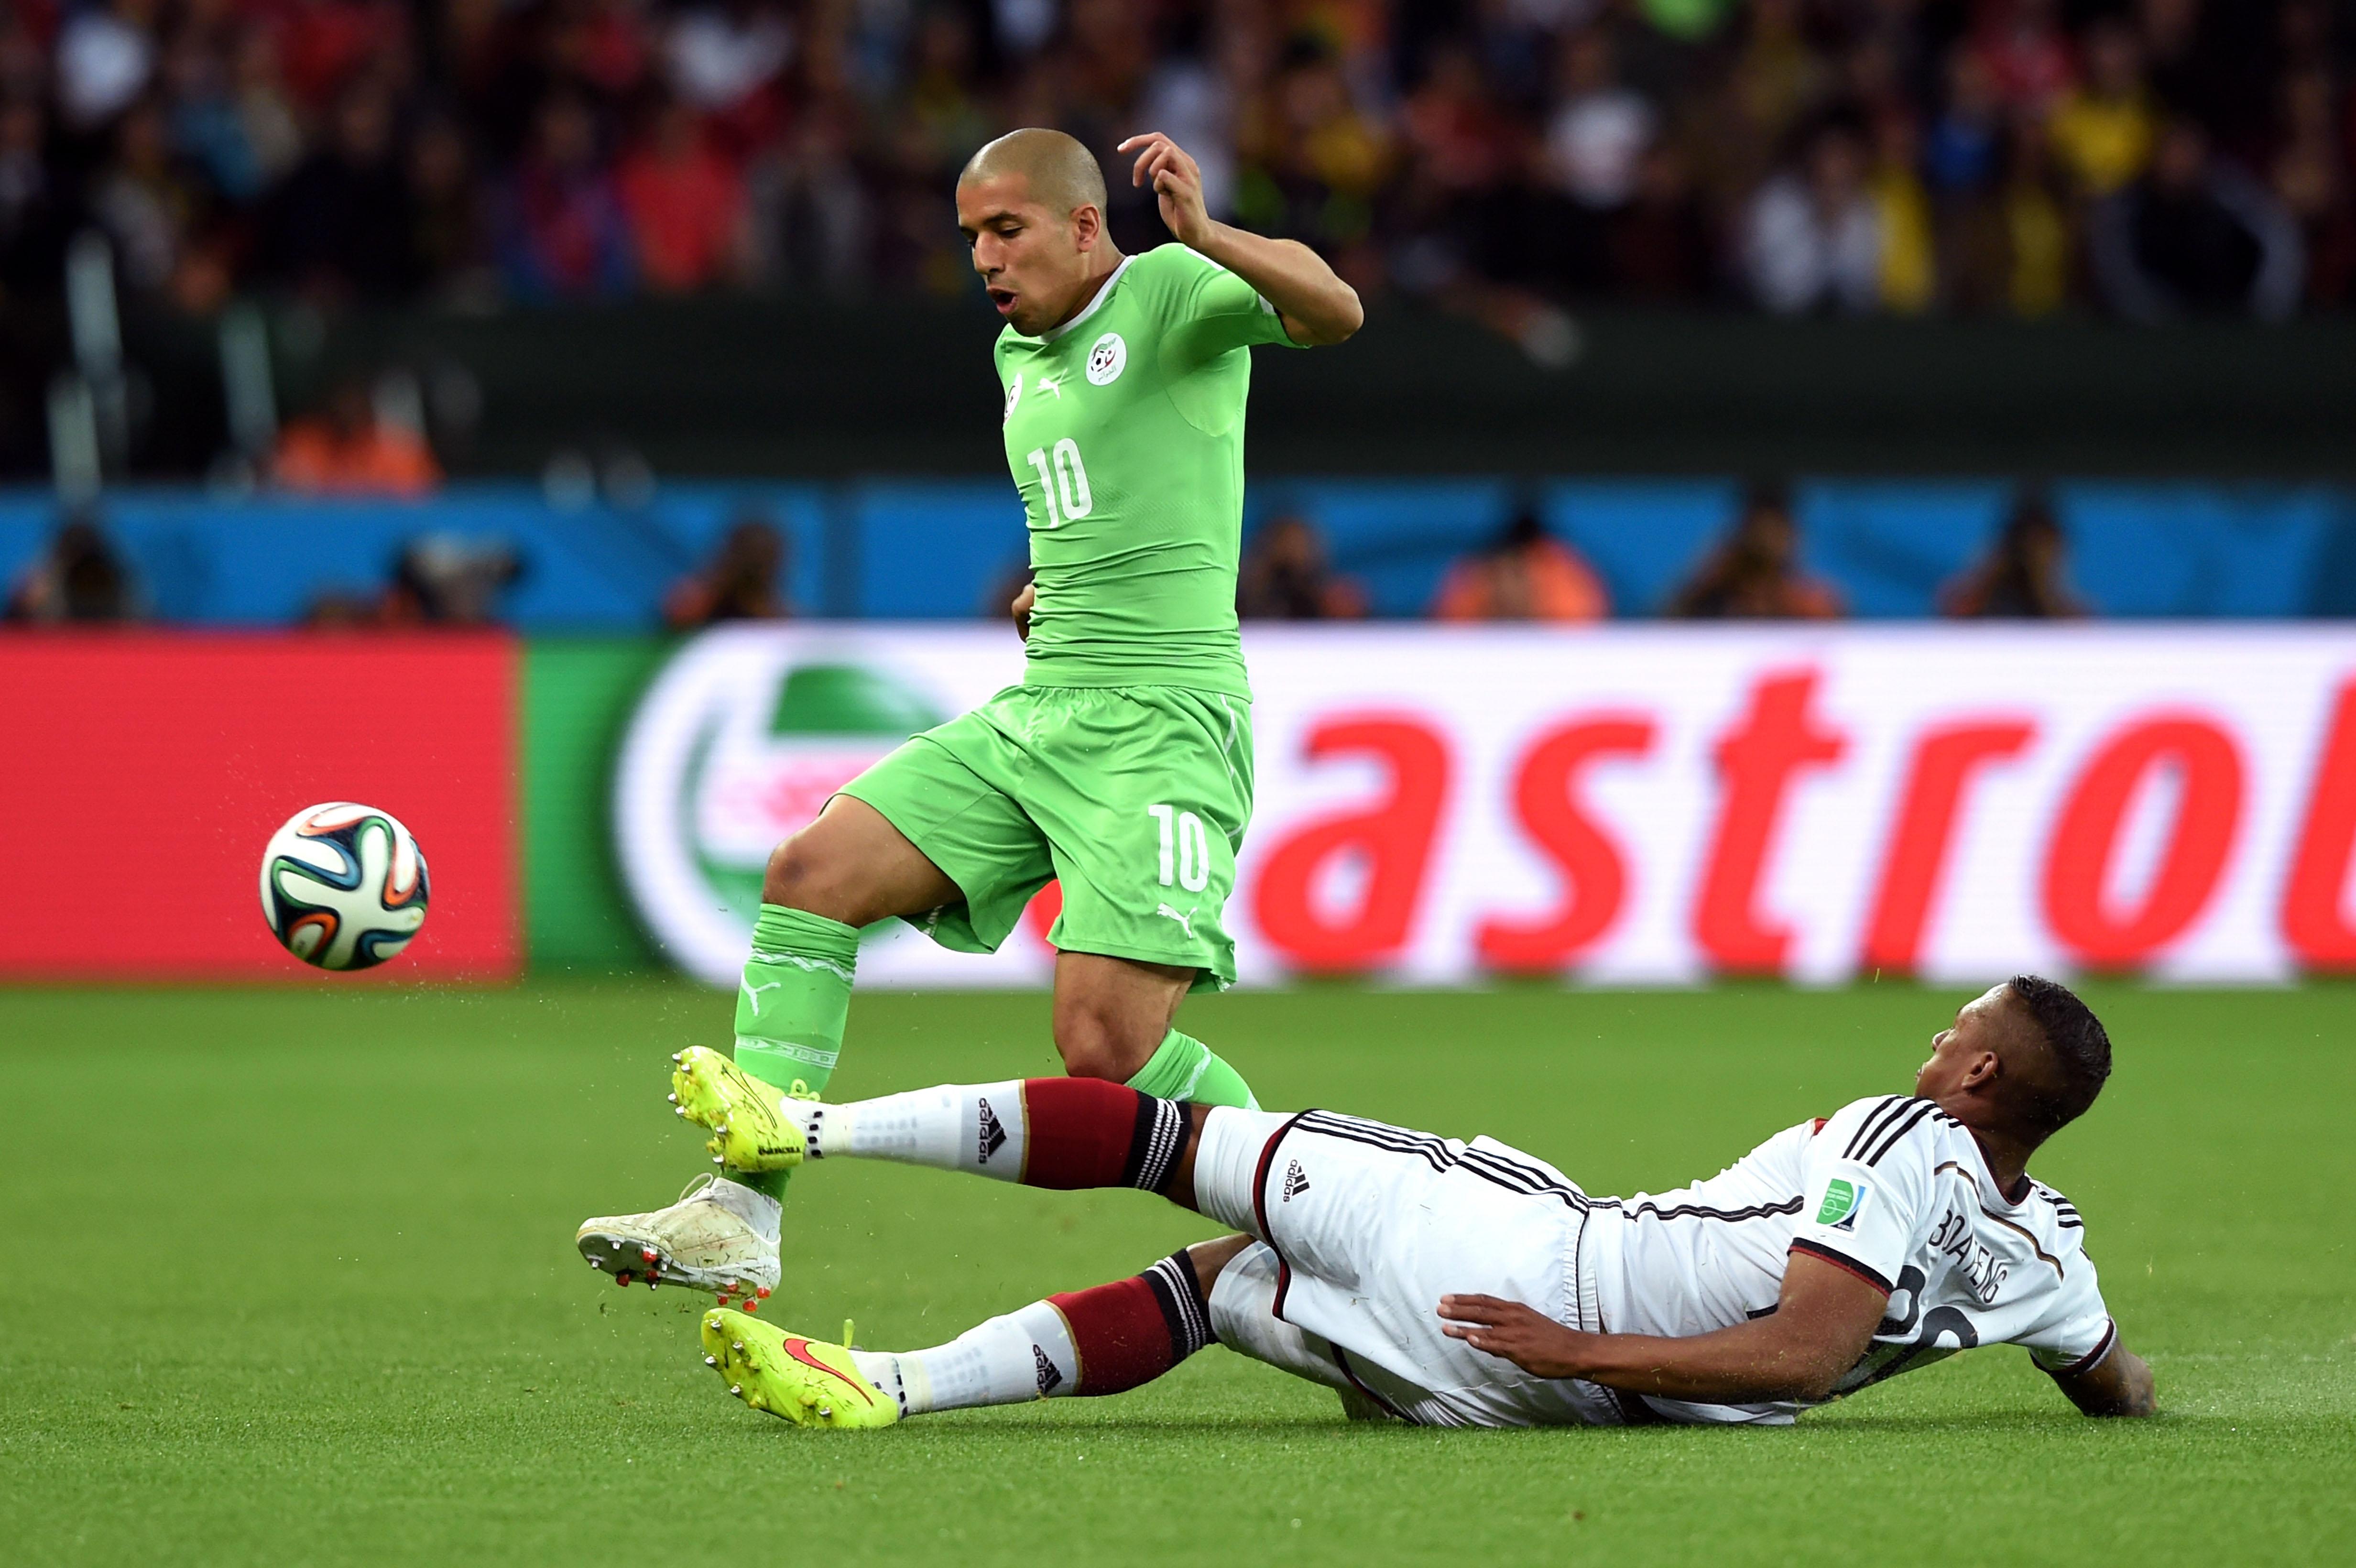 Германия - Алжир. 5 ответов матча - изображение 1